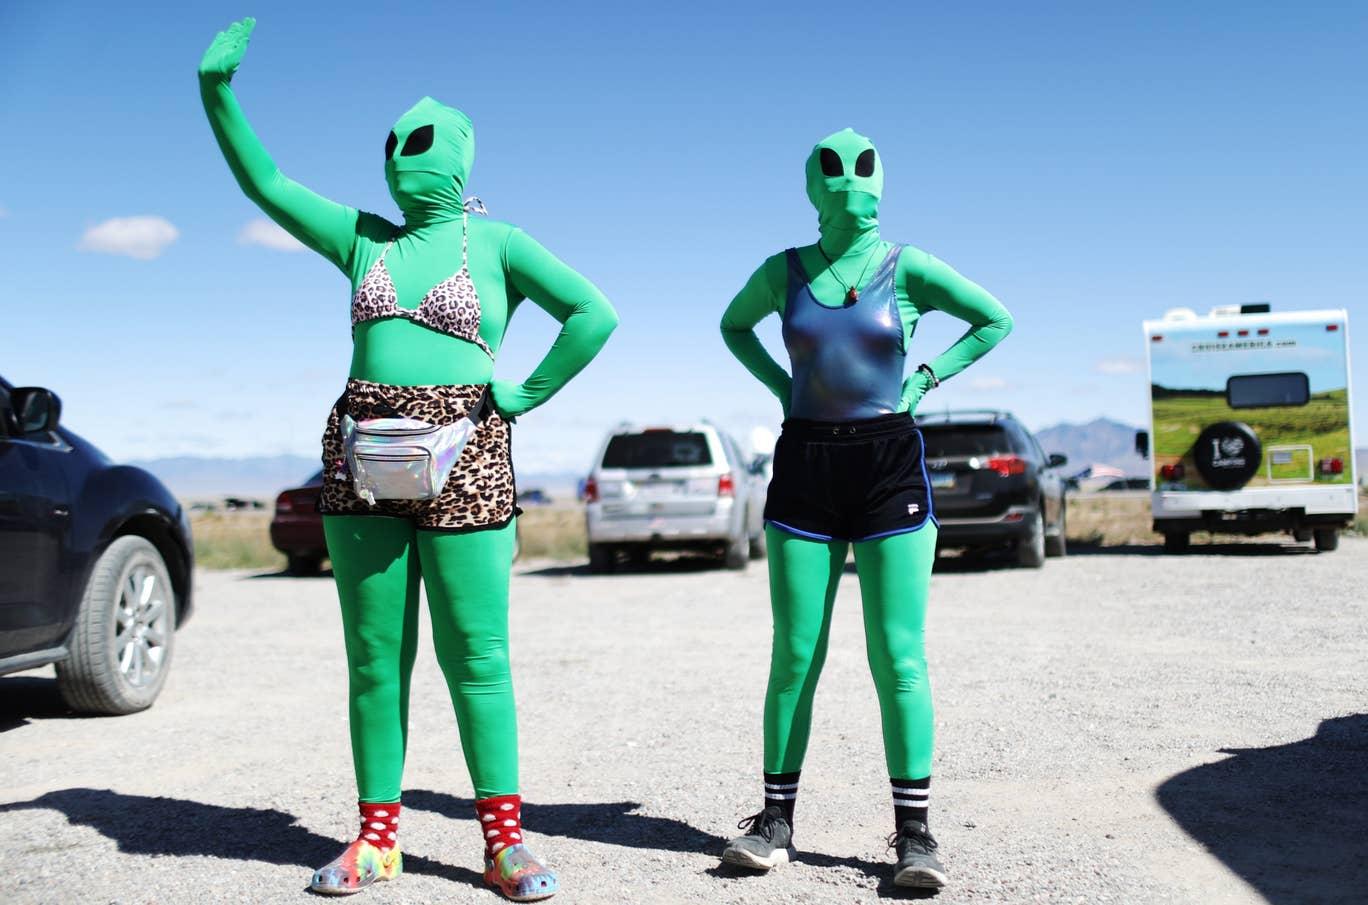 Deux millions de personnes ont dit qu'elles envahiraient Area 51, mais seulement 150 se sont présentées